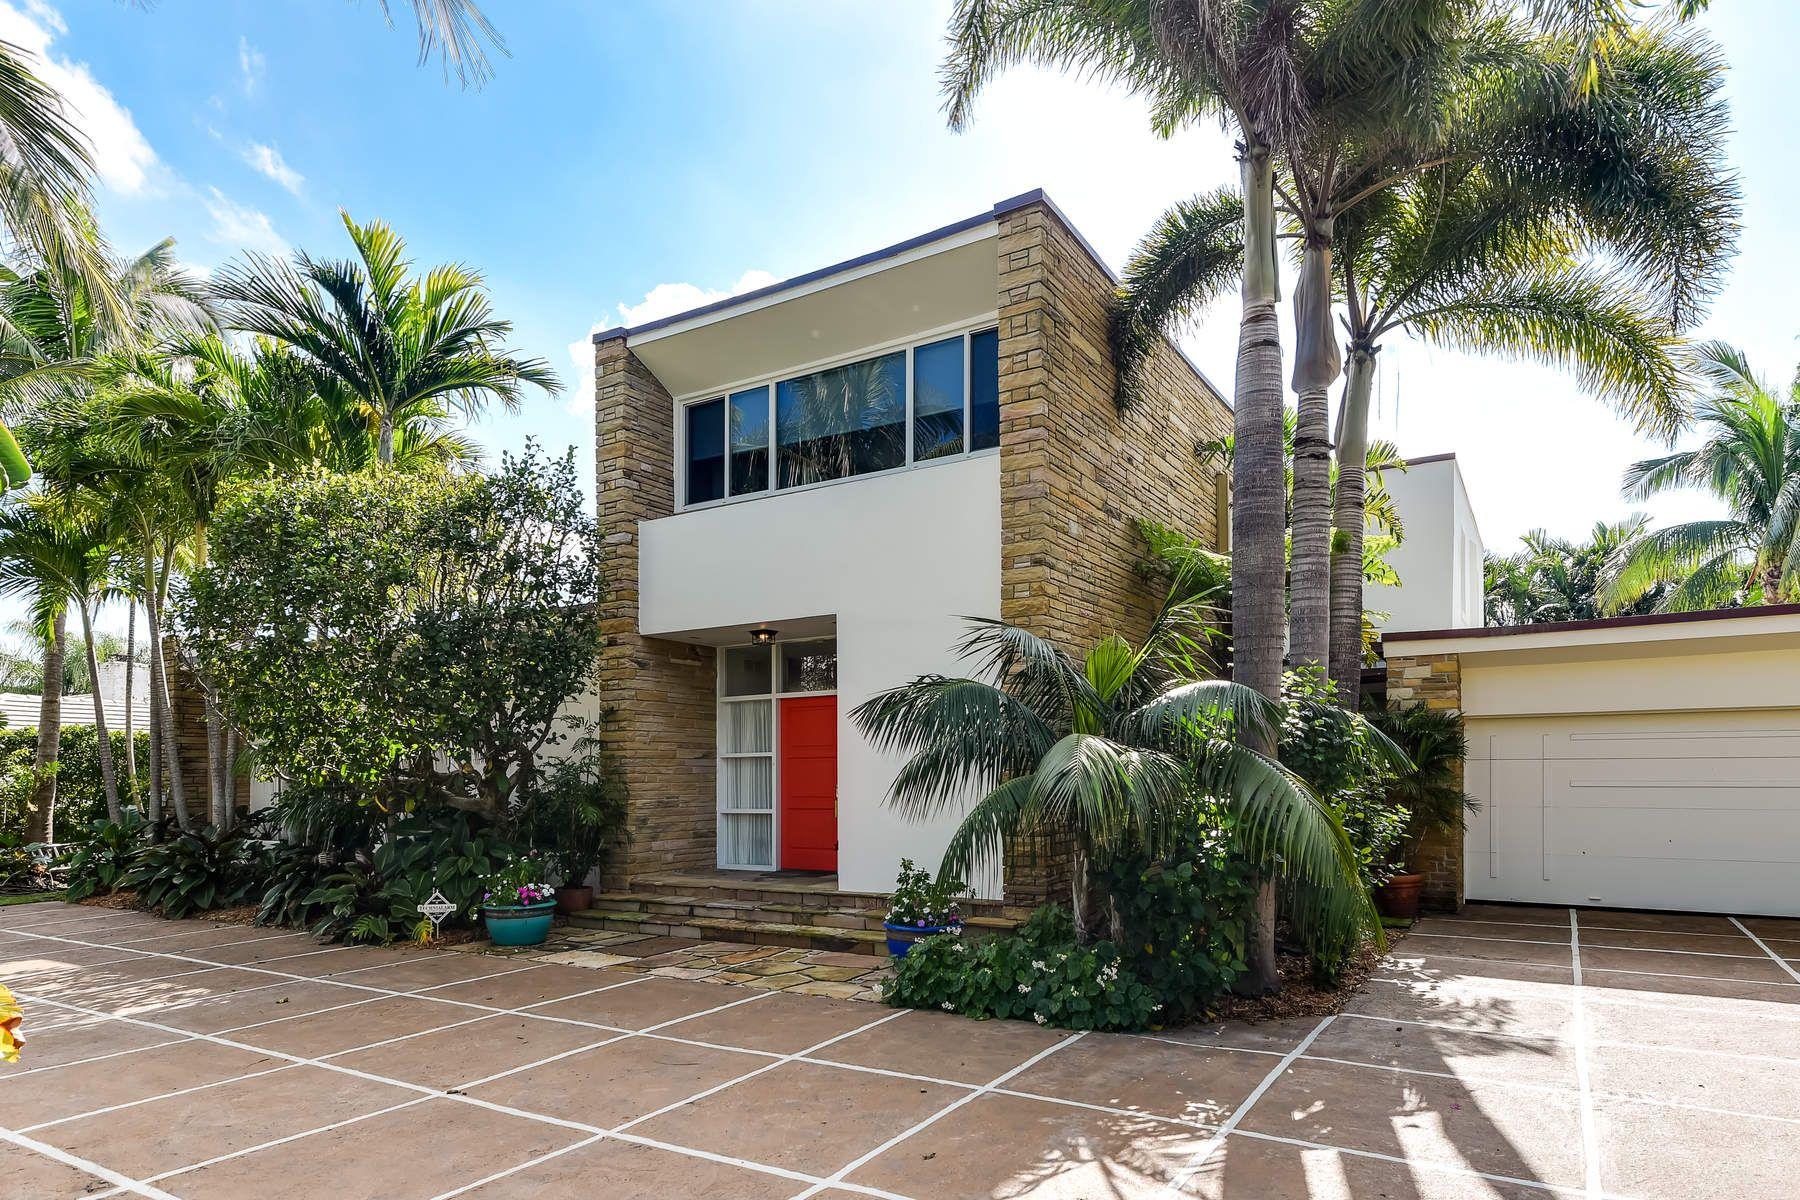 단독 가정 주택 용 매매 에 Unique Prairie Style House 244 Nightingale Trl, North End, Palm Beach, 플로리다, 33480 미국